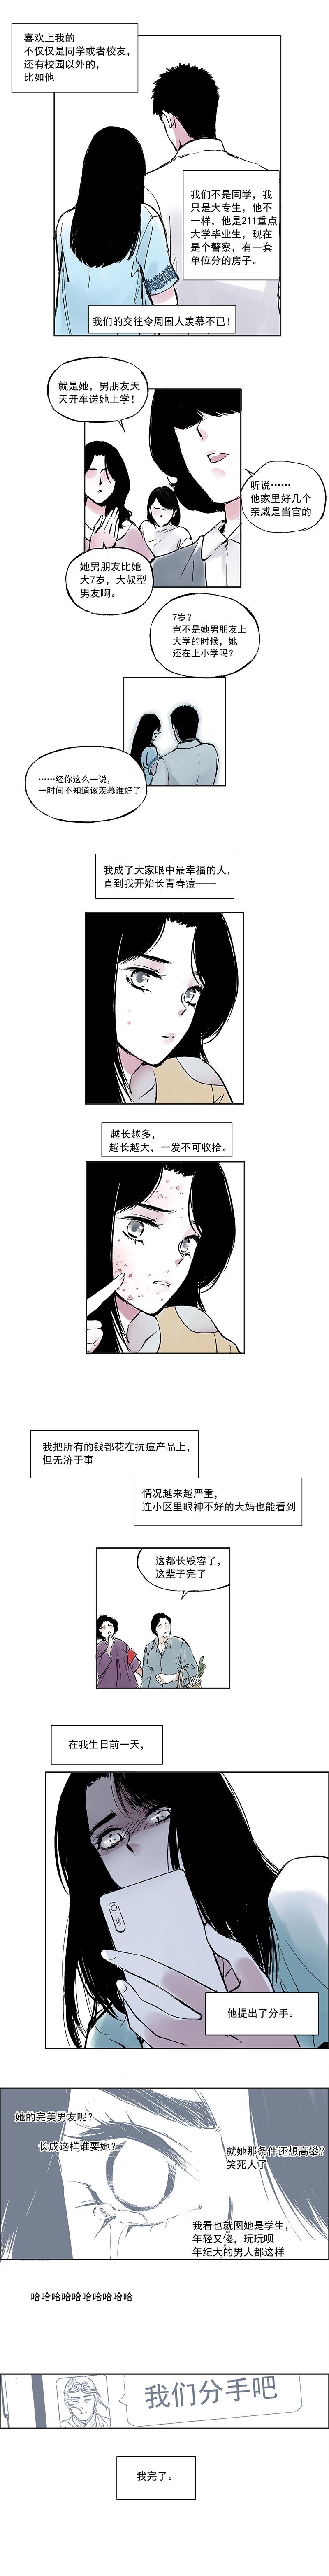 《伊芢和她的社会性重生》漫画完整版 国产漫画在线阅读